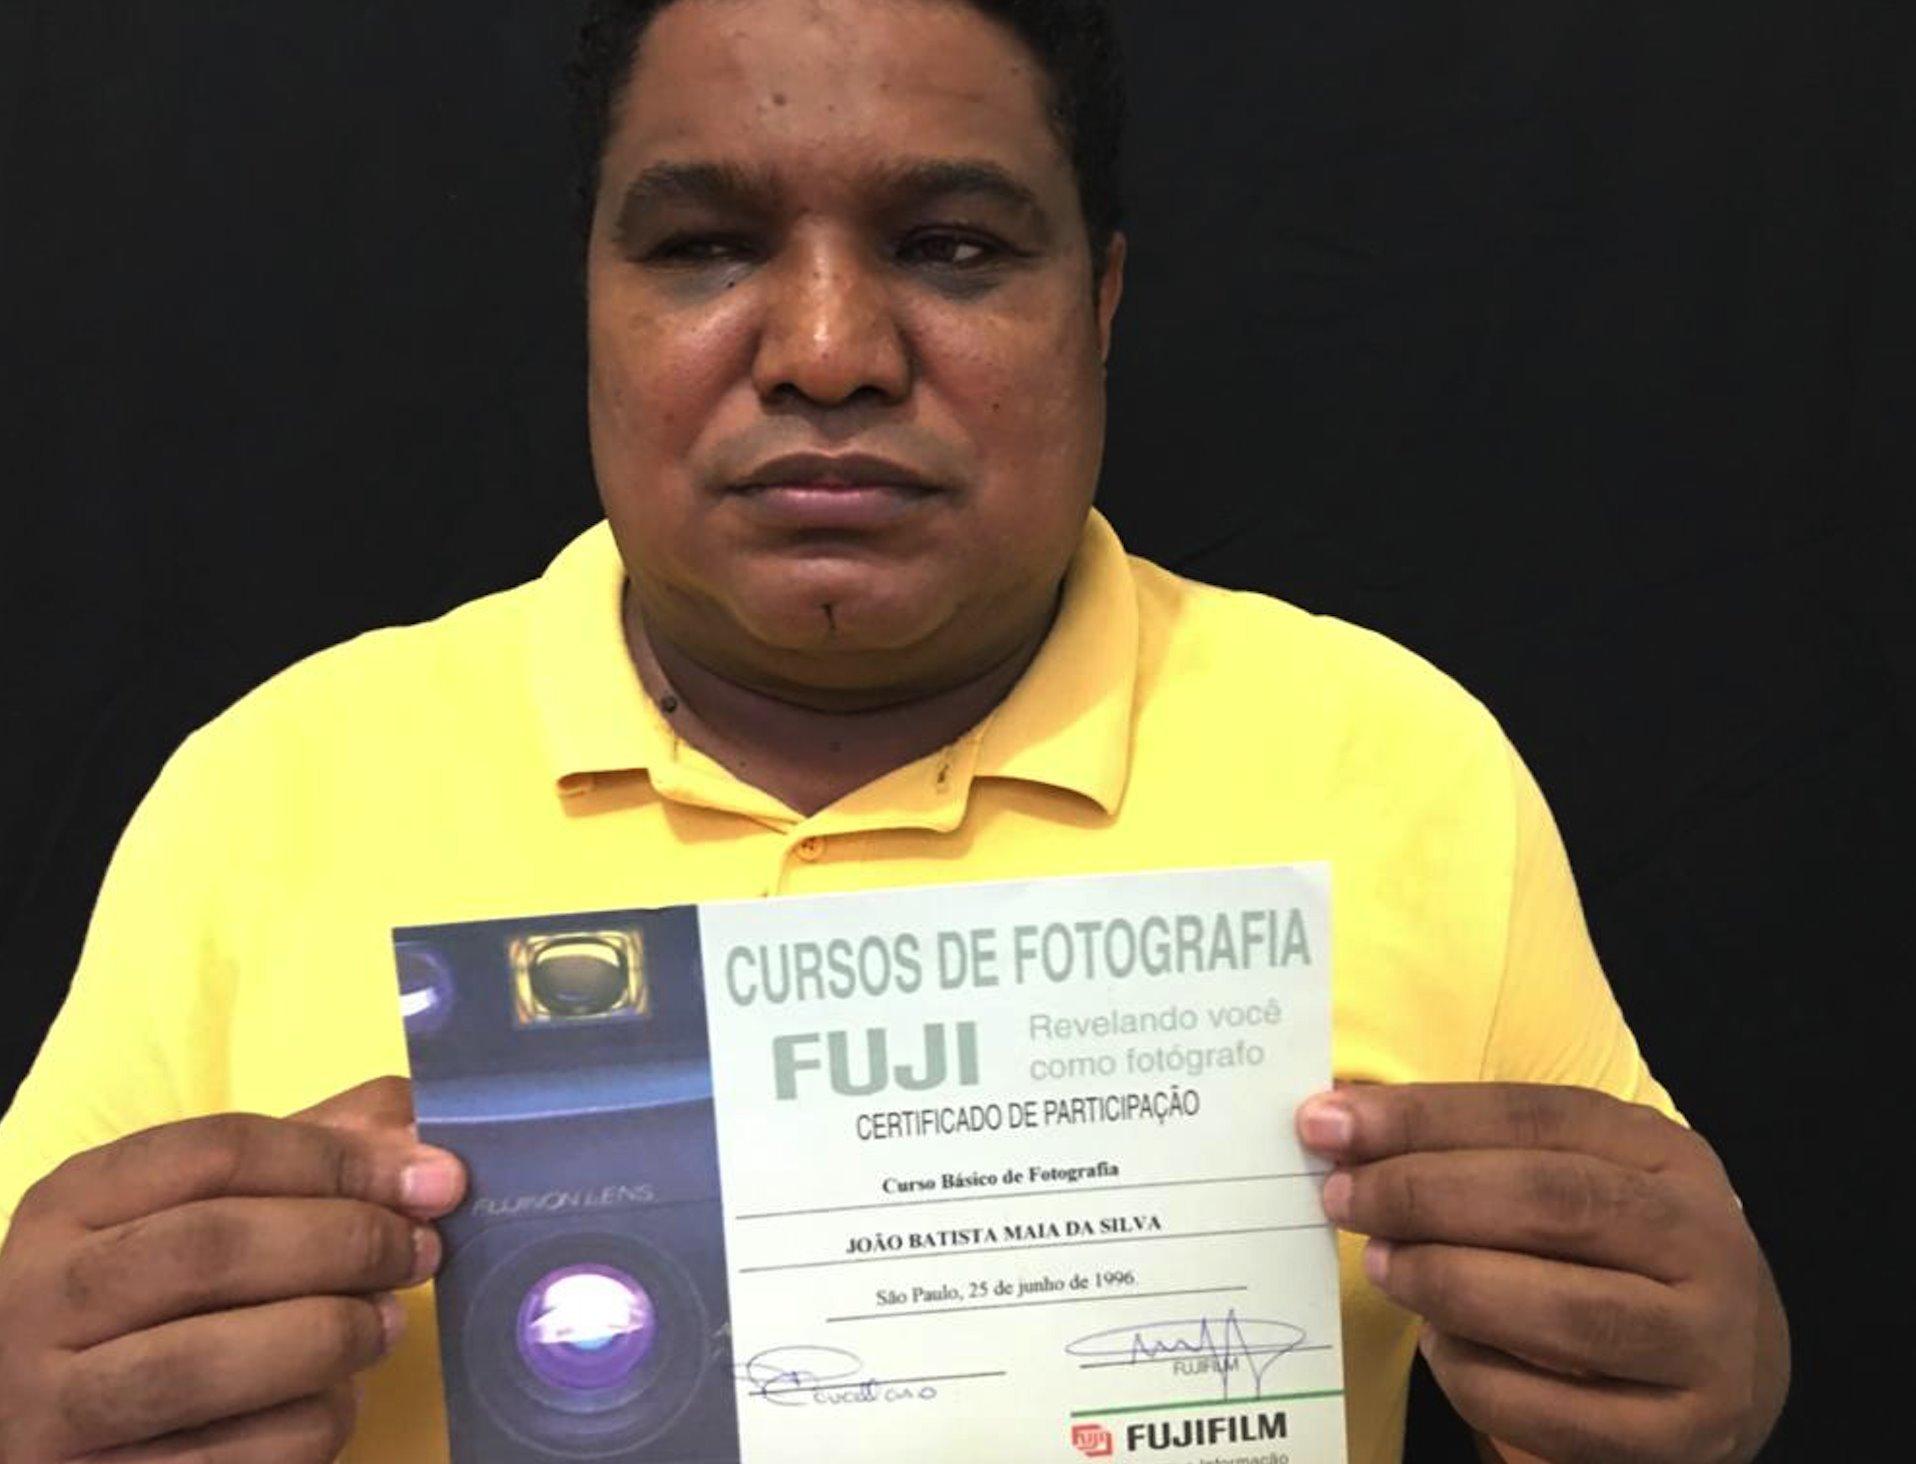 O piauiense já havia feito cursos de fotografia antes de perder a visão ((Foto: Arquivo Pessoal)